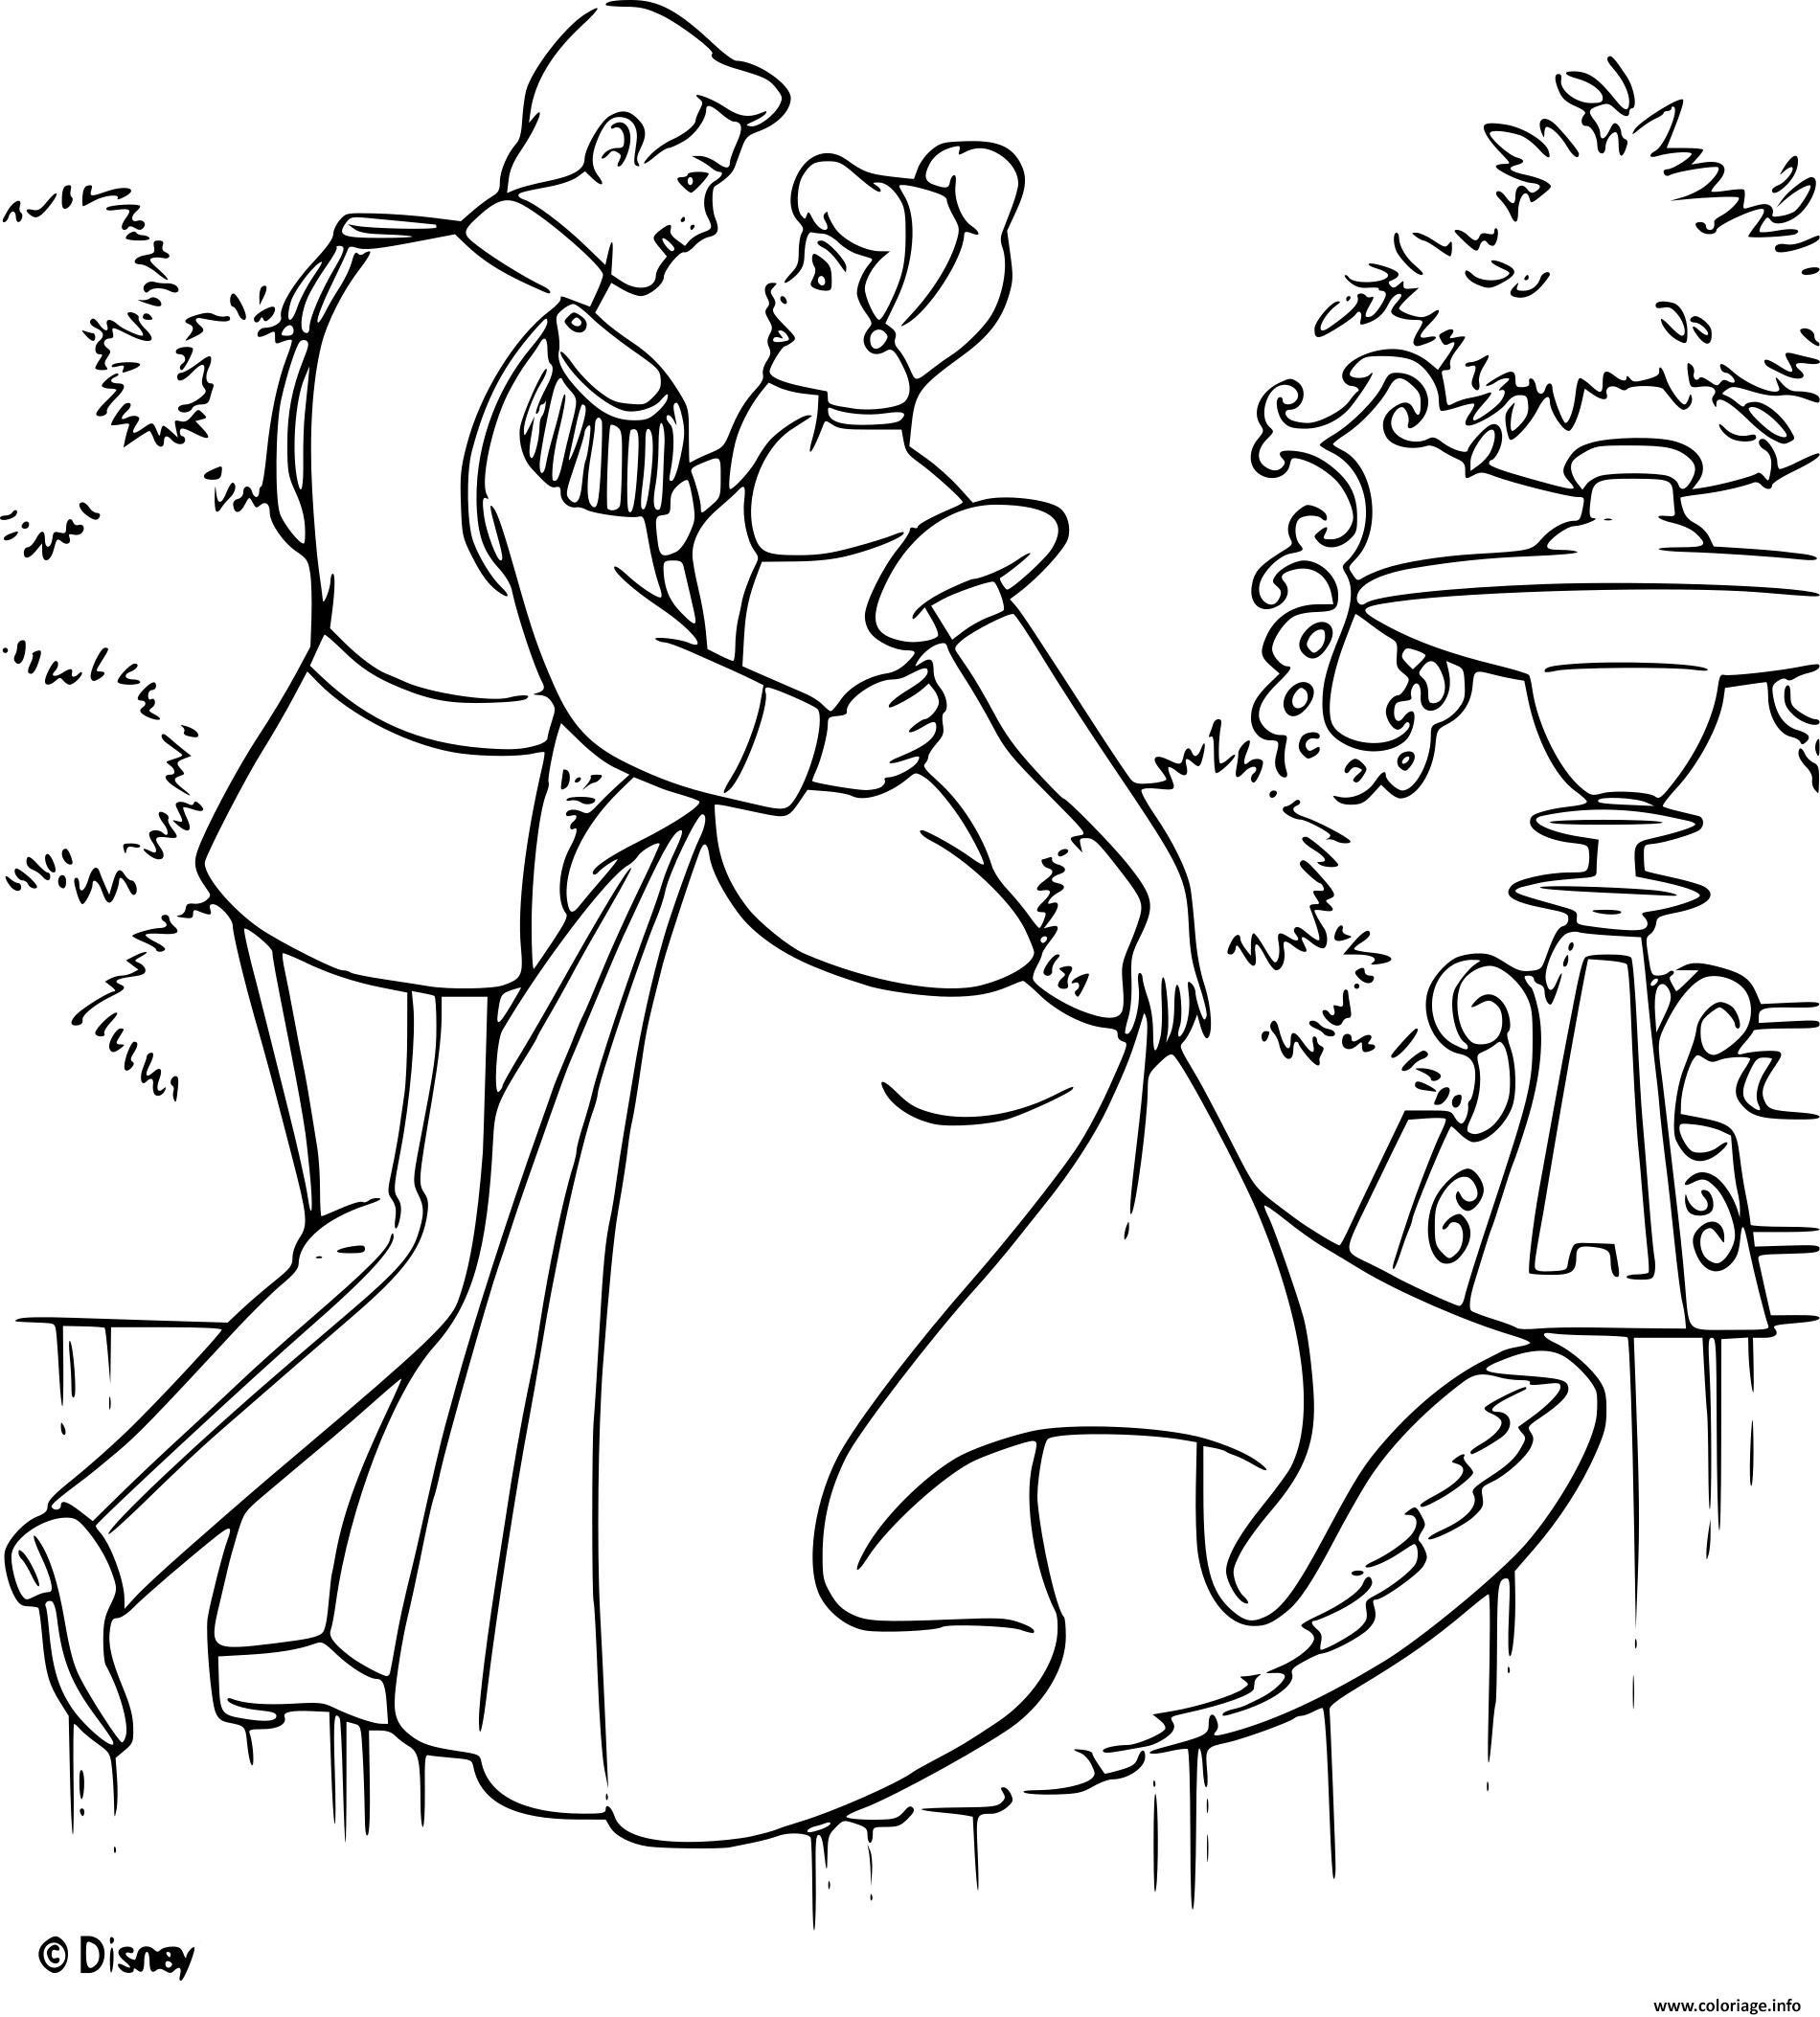 Coloriage Cendrillon 2 Une Vie De Princesse Disney Dessin avec Cendrillon Dessin A Imprimer